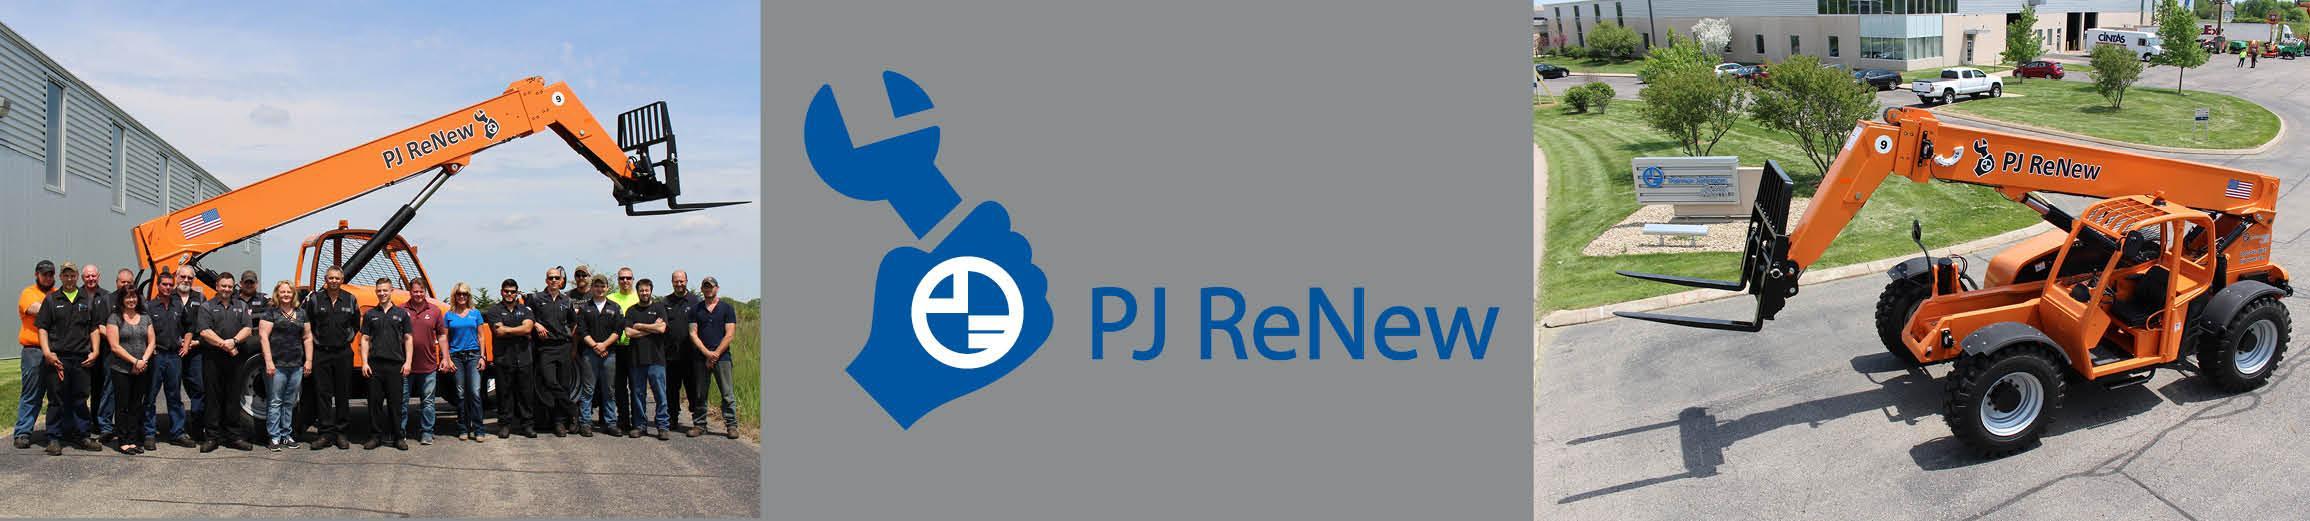 Pj Renew Banner 2